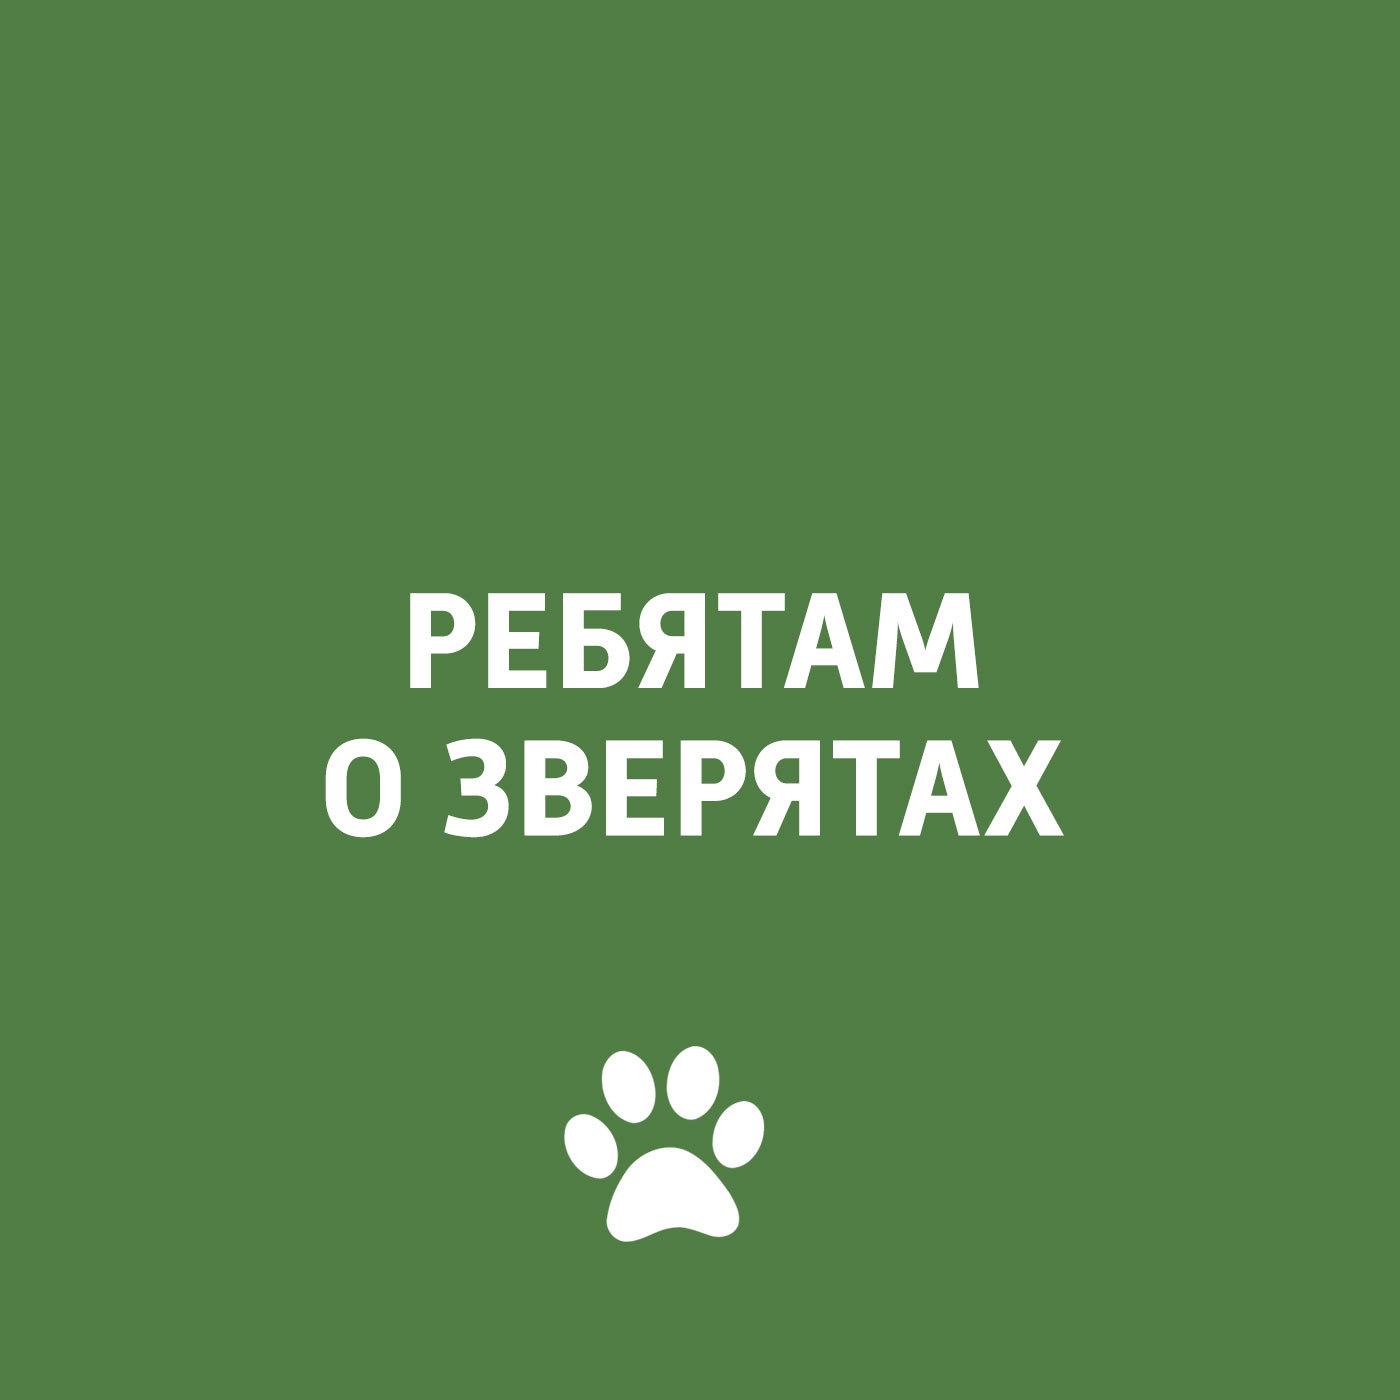 Творческий коллектив программы «Пора домой» Вирусные заболевания у кошек и собак творческий коллектив программы пора домой вирусные заболевания у кошек и собак